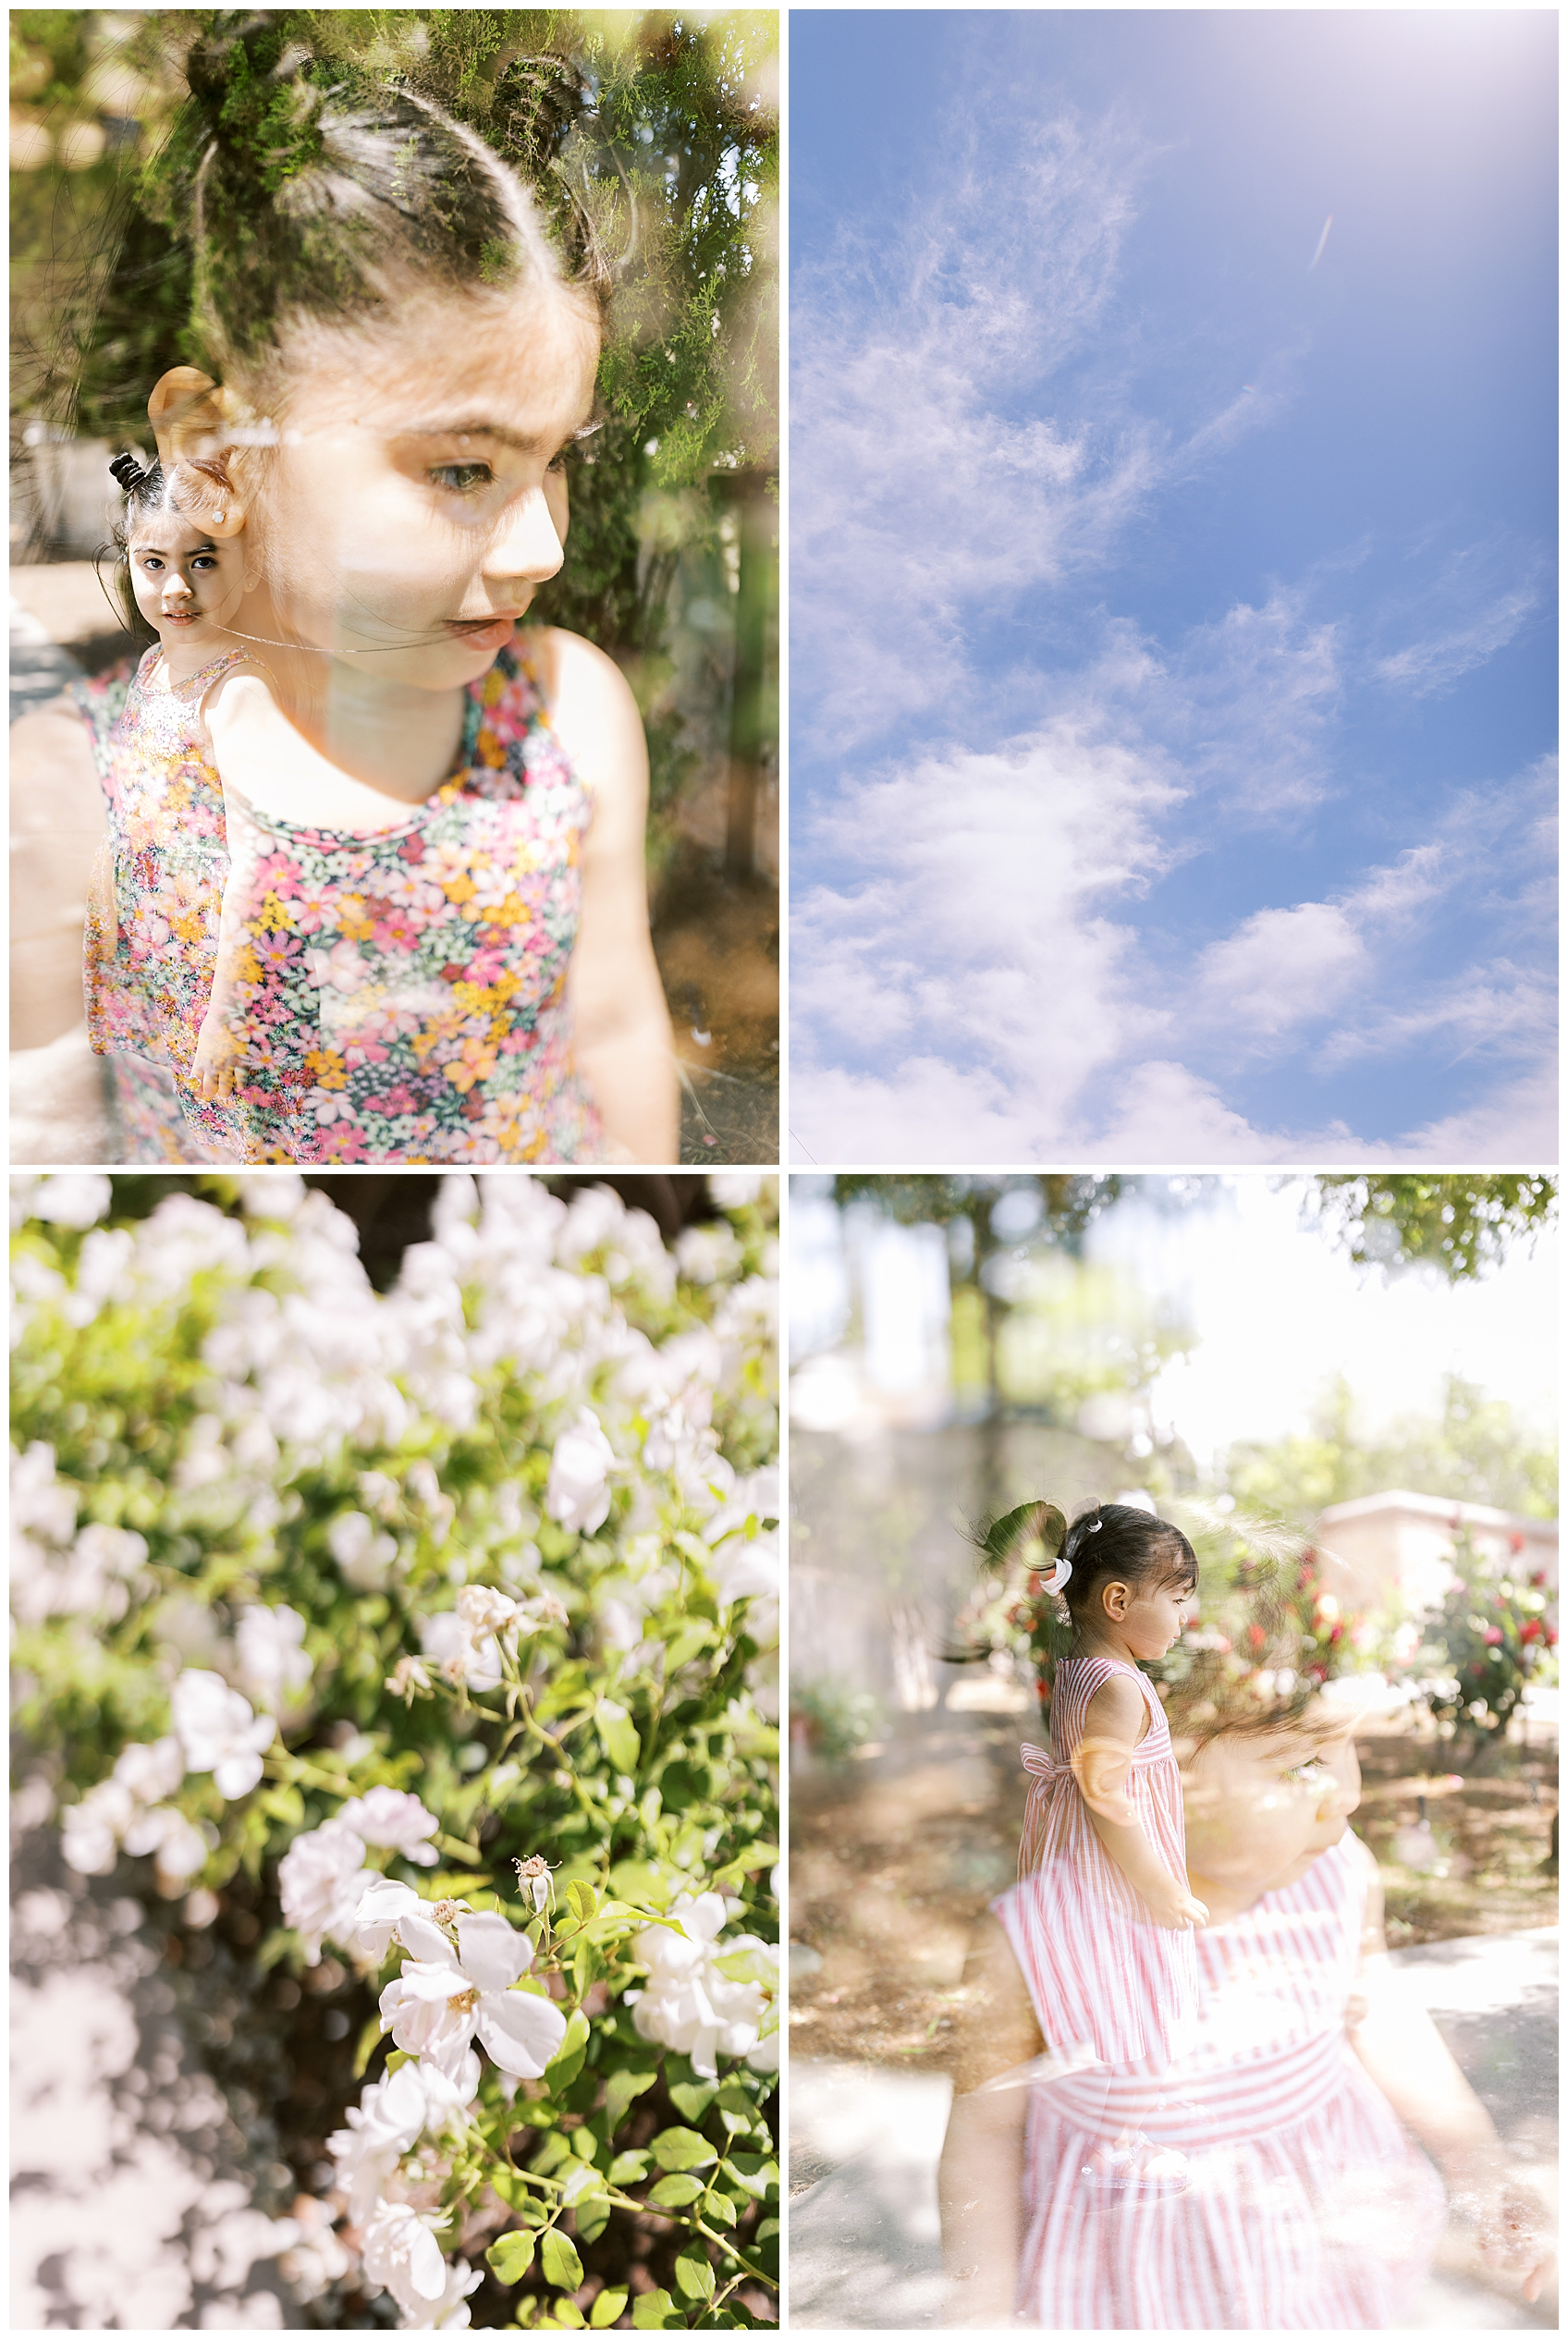 el paso rose garden, el paso mom blogger, el paso garden, el paso photography